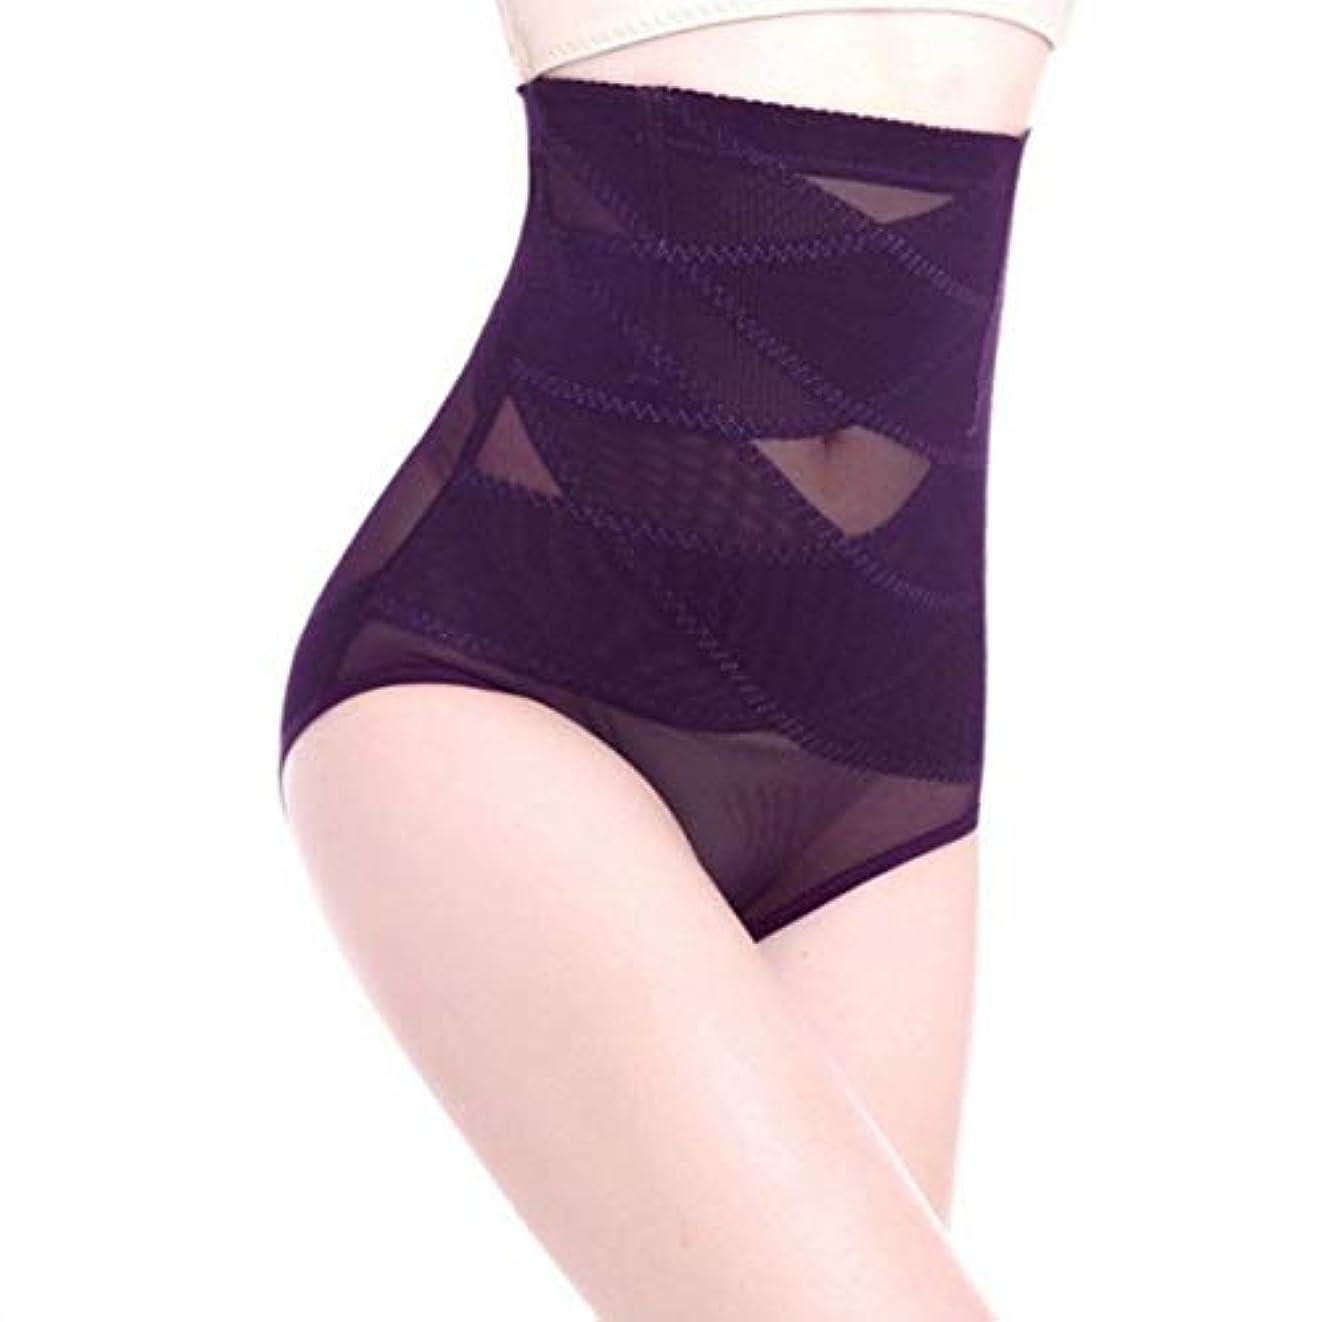 インディカ開示する代わりに通気性のあるハイウエスト女性痩身腹部コントロール下着シームレスおなかコントロールパンティーバットリフターボディシェイパー - パープル3 XL